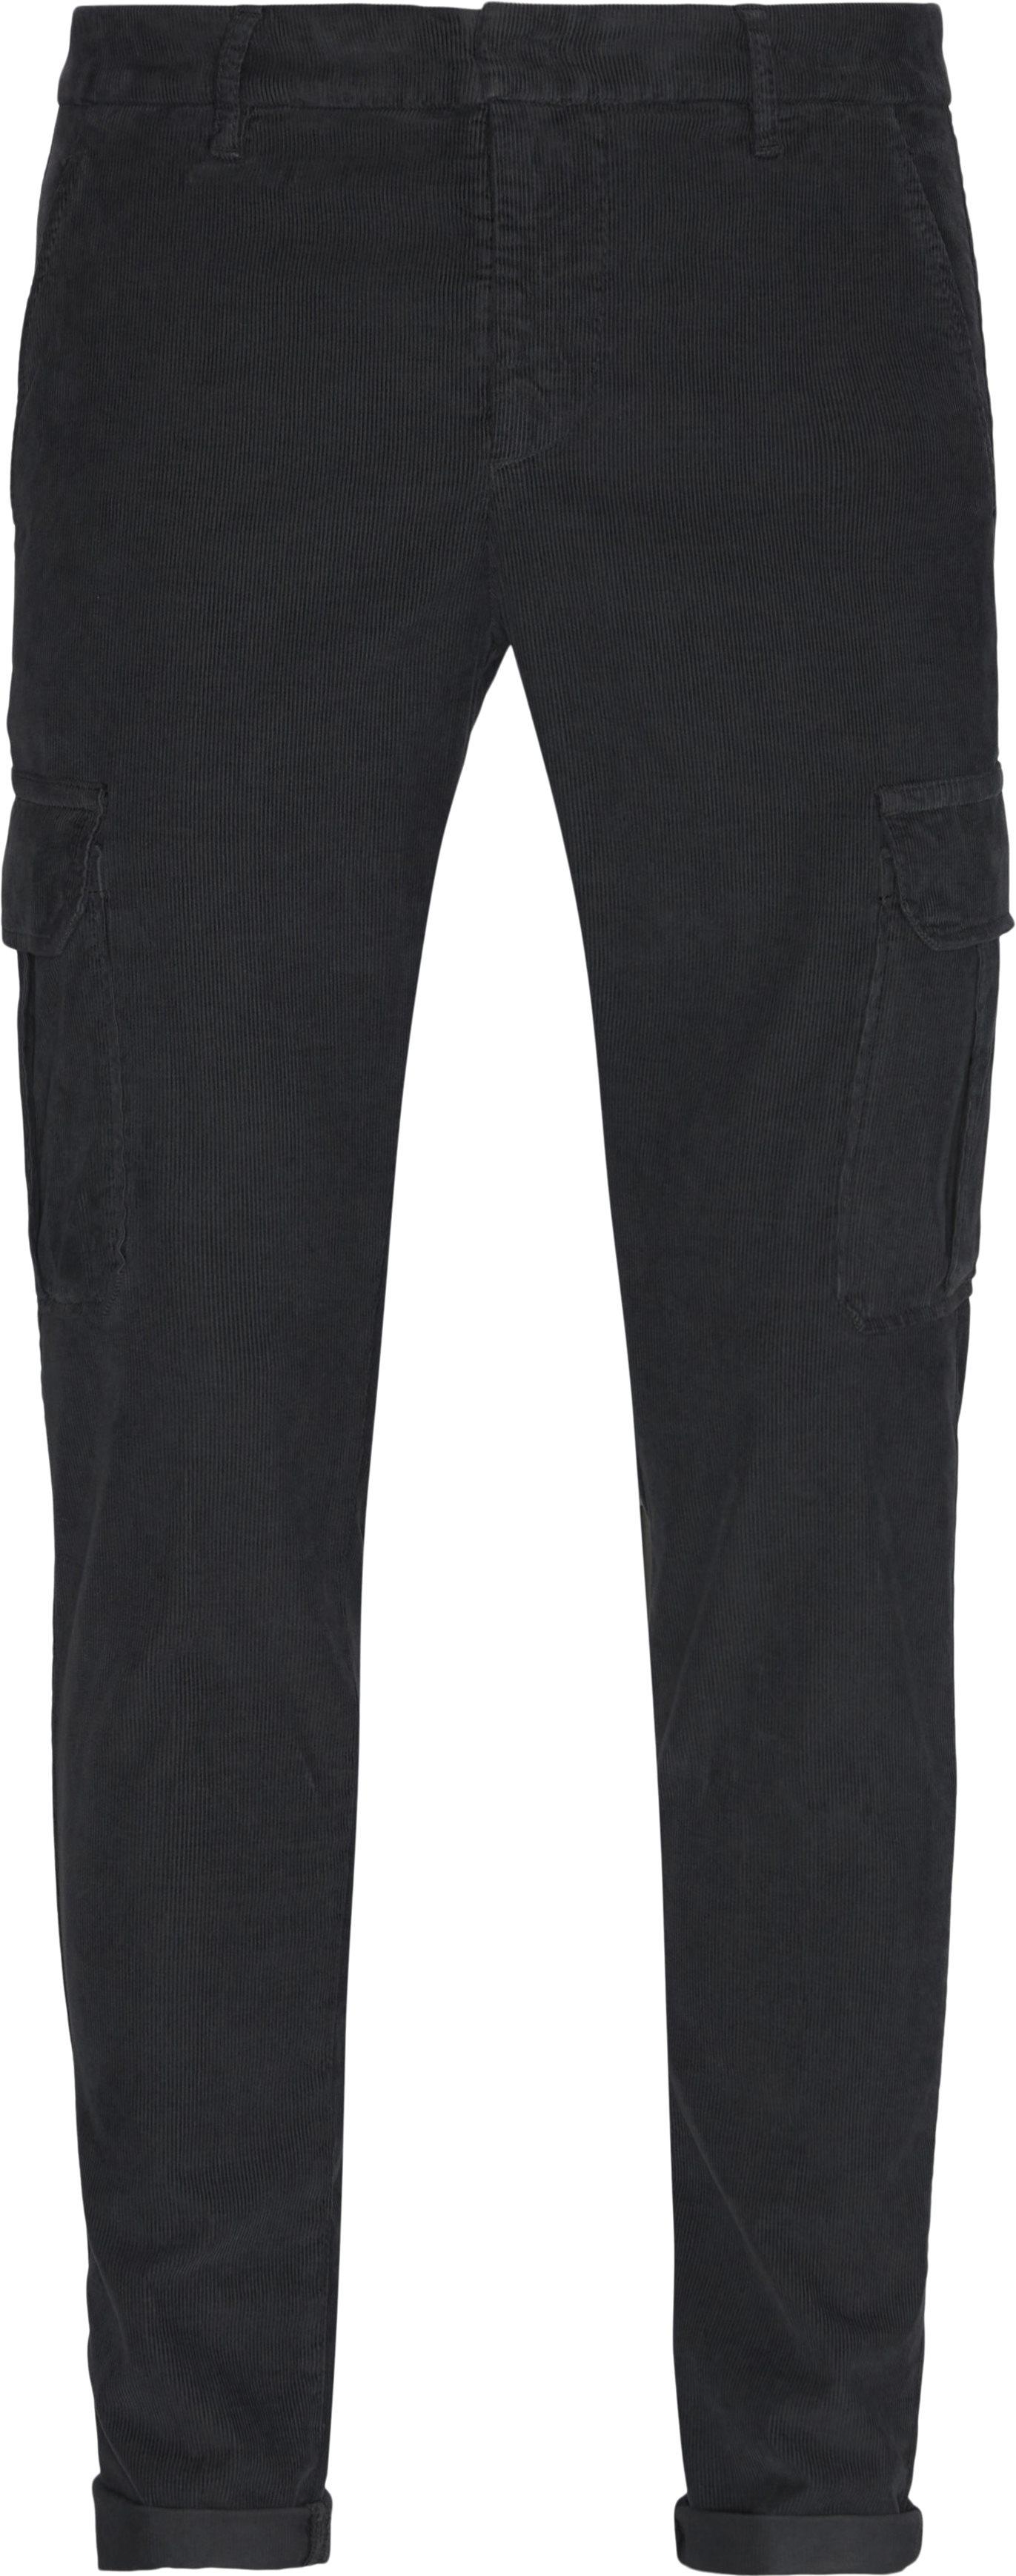 Corduroy Pants - Bukser - Slim fit - Grå